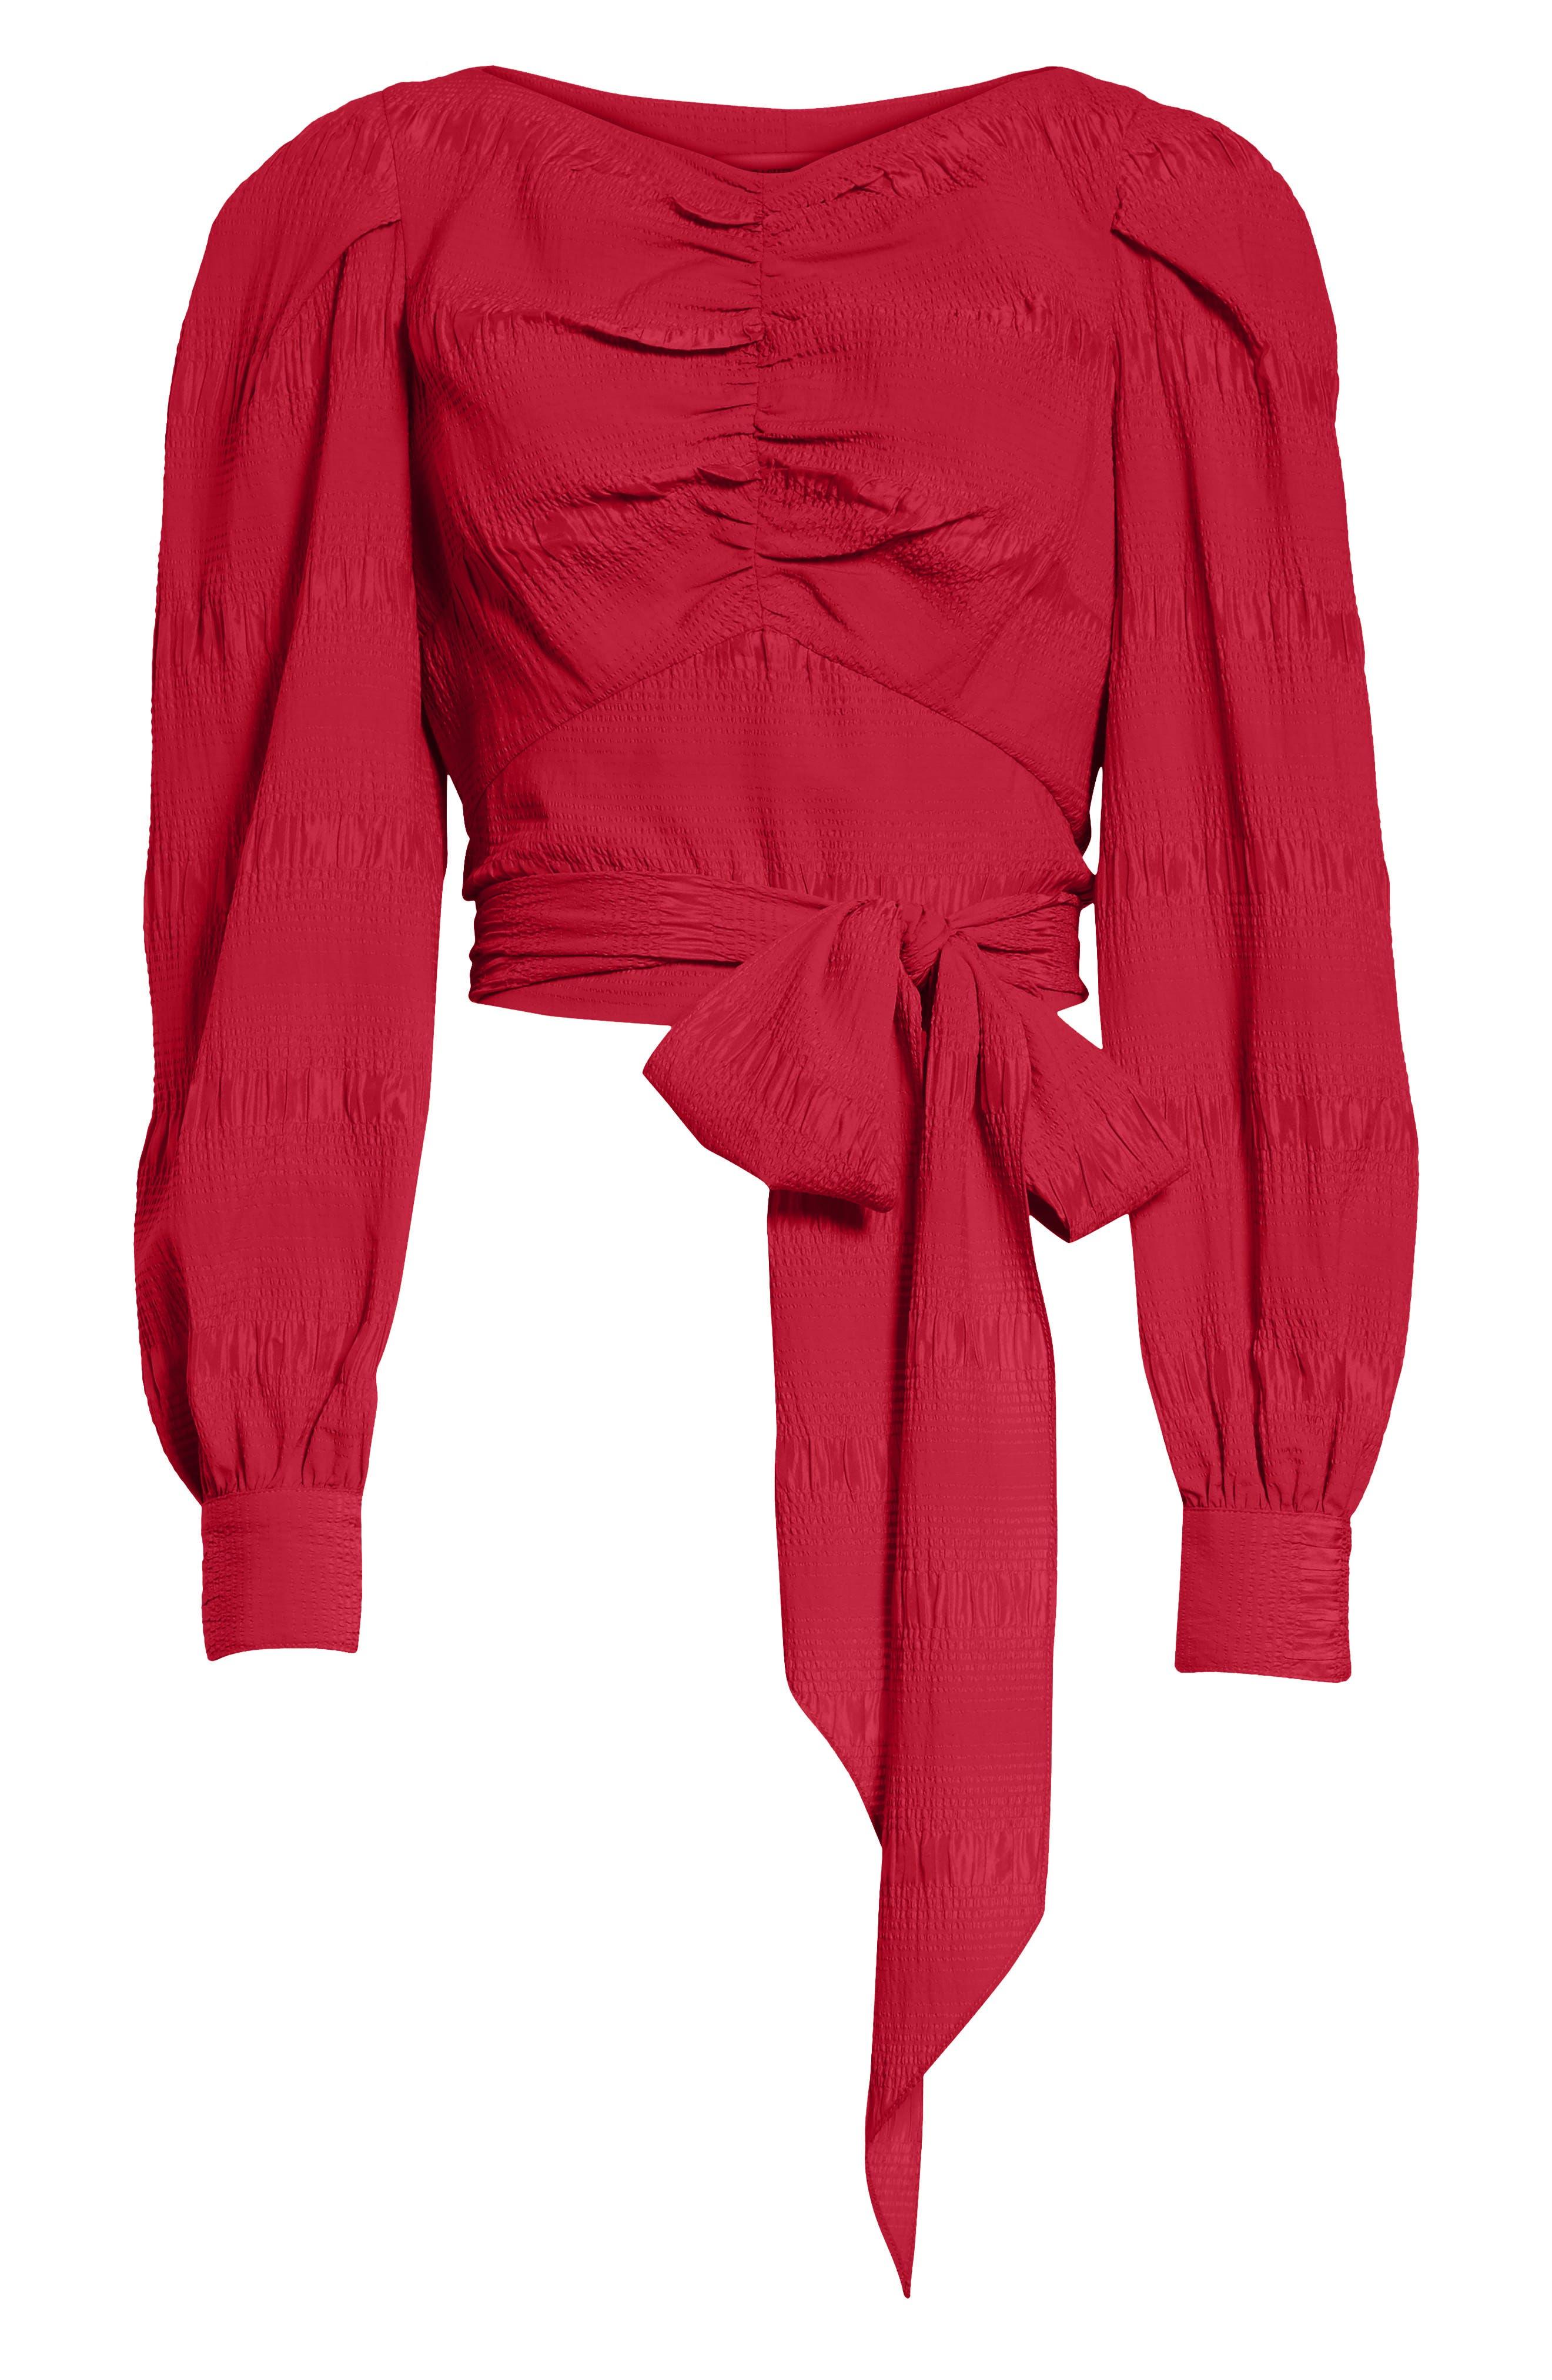 RACHEL COMEY,                             Bounds Tie Waist Silk Blend Top,                             Alternate thumbnail 6, color,                             600